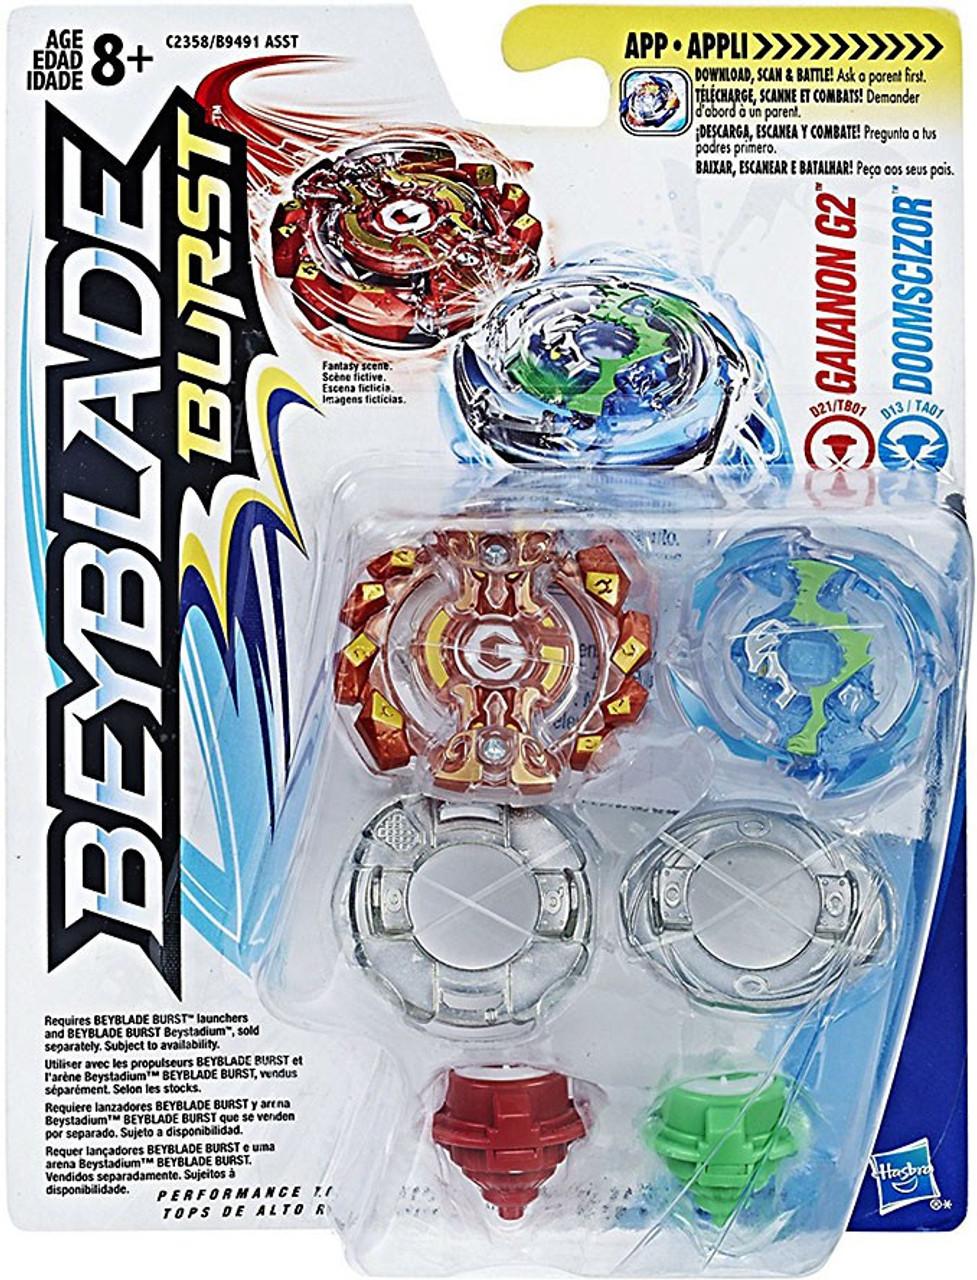 Bey Blade Burst Single Top Packs Doomscizor Action Figure